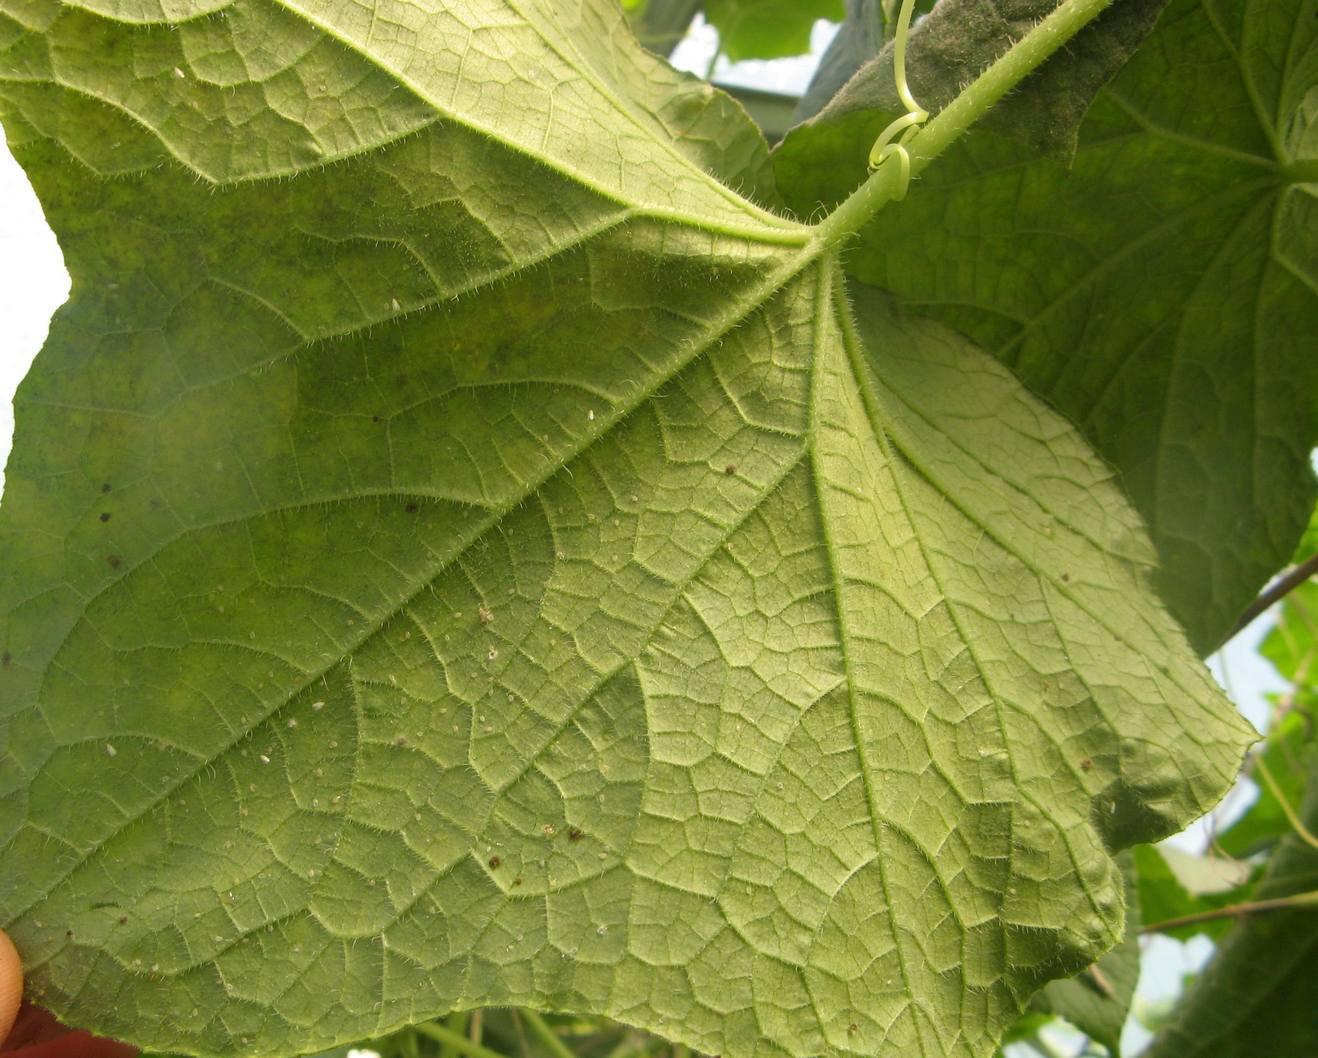 Скопления личинок белокрылки на изнанке листа